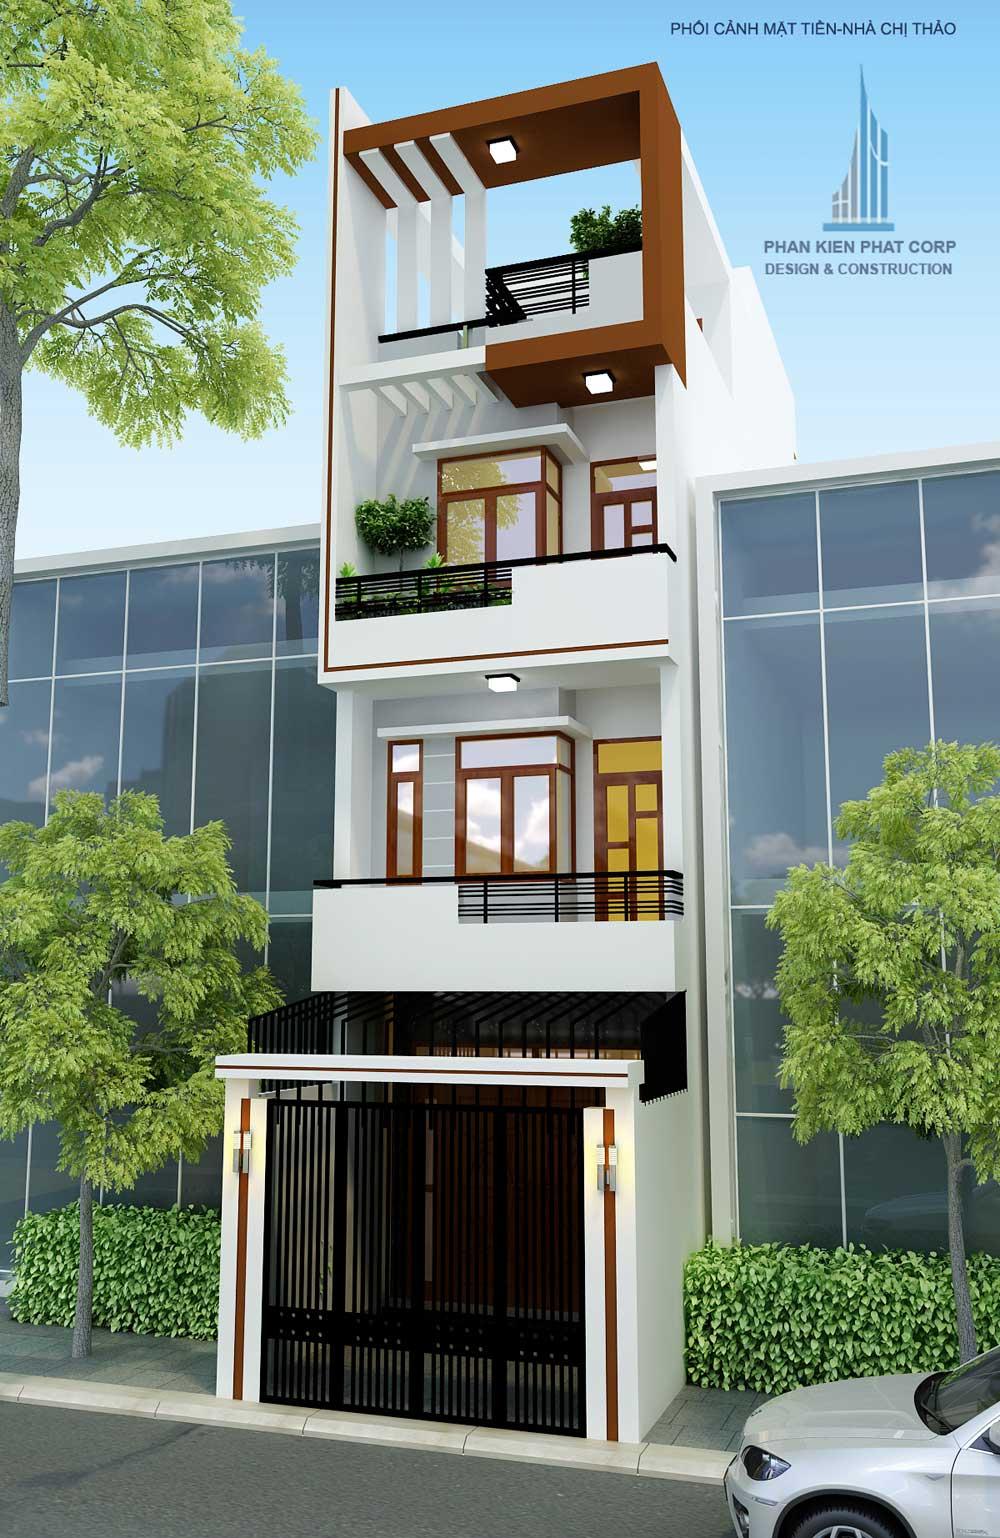 Công trình, Thiết kế nhà 4 tầng, Chị Võ Ngọc Thanh Thảo